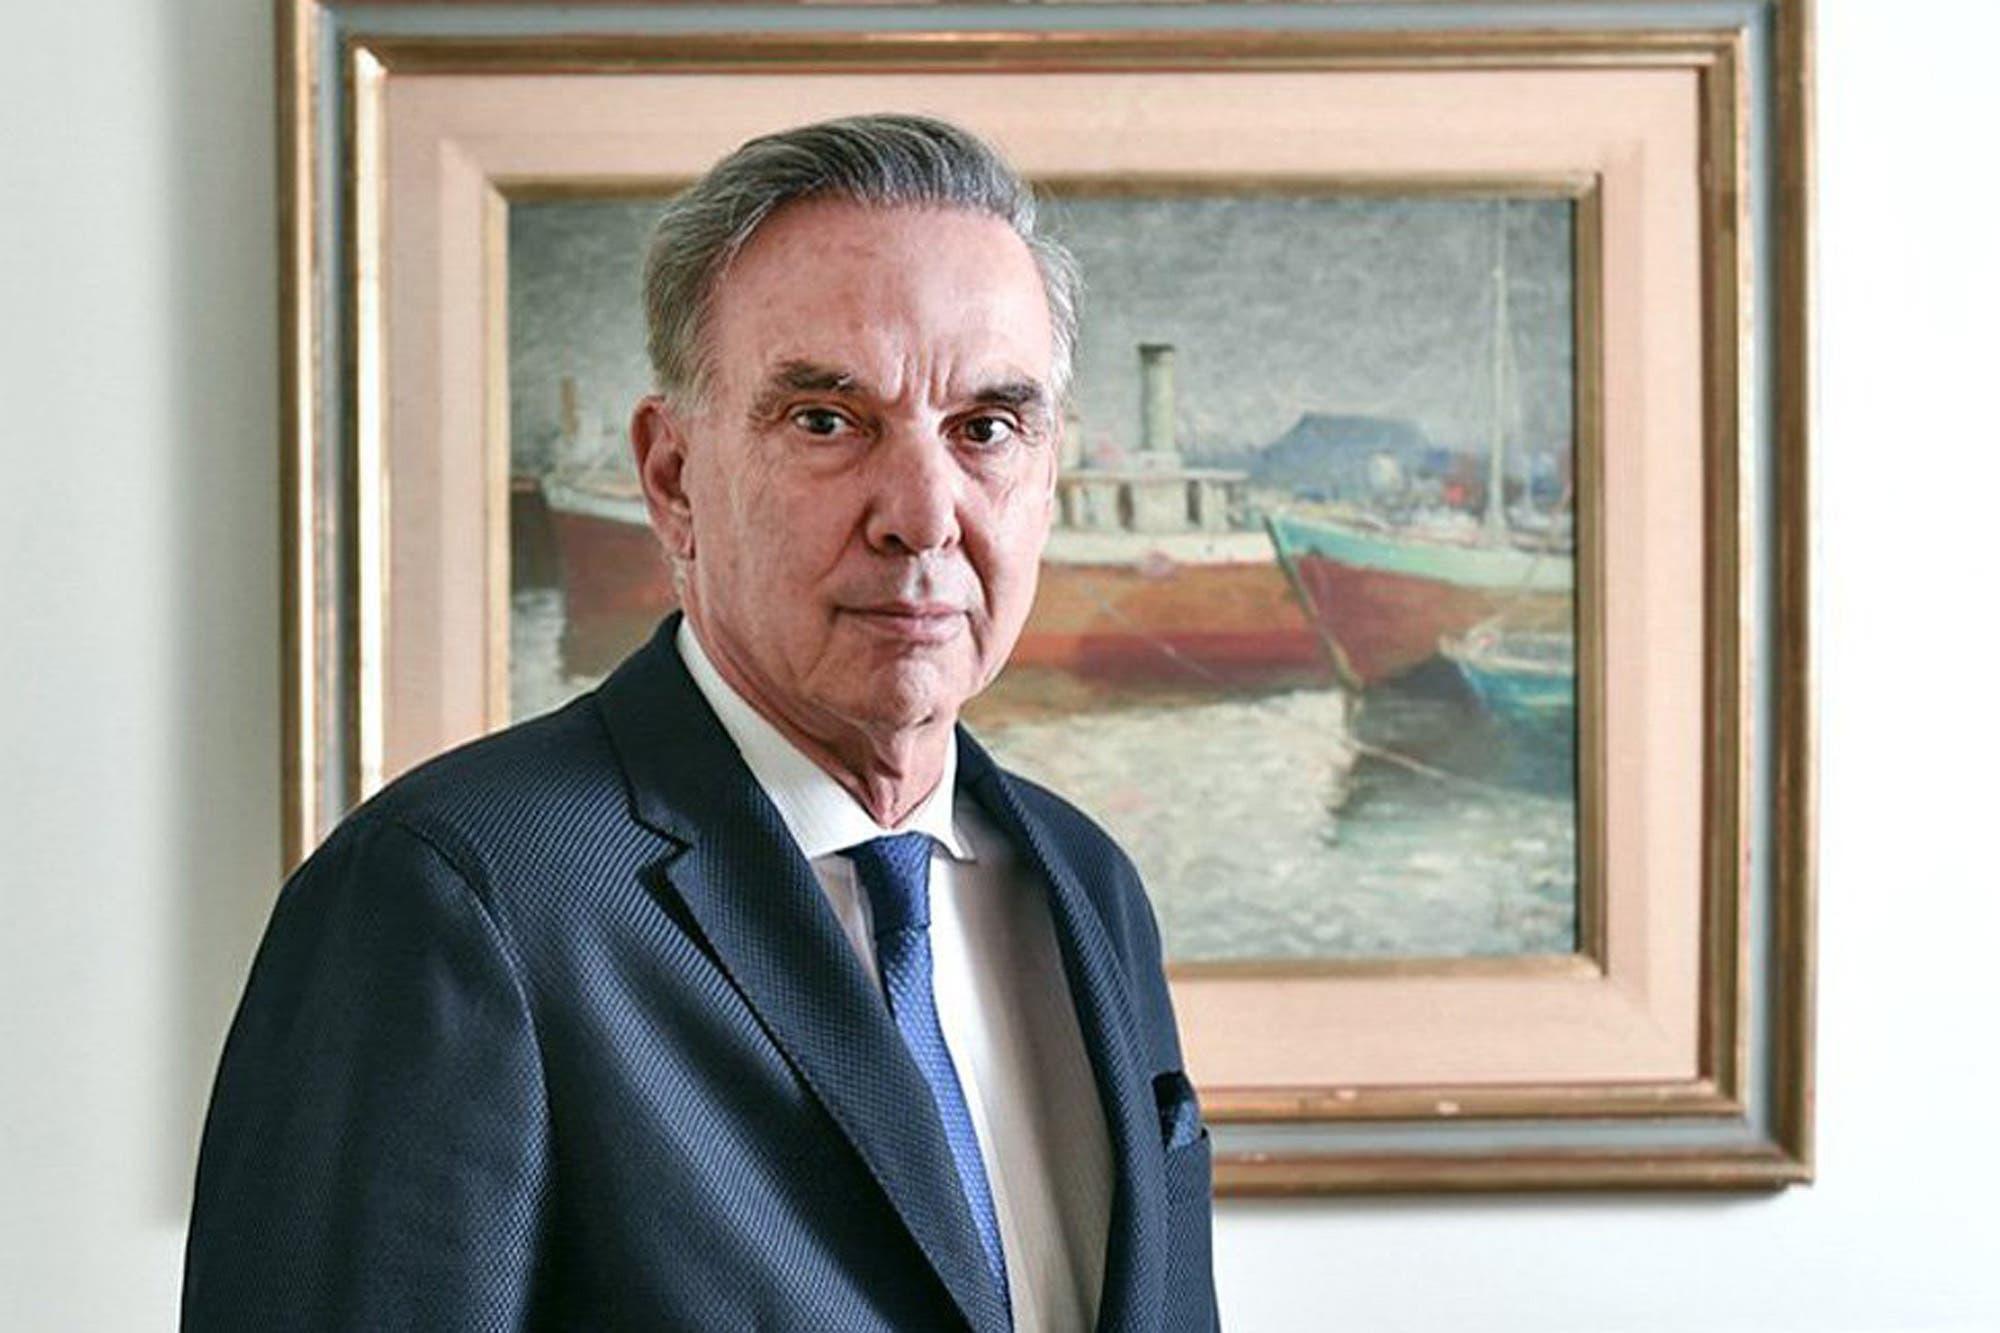 Con críticas del Frente de Todos, Pichetto fue designado auditor general de la Nación